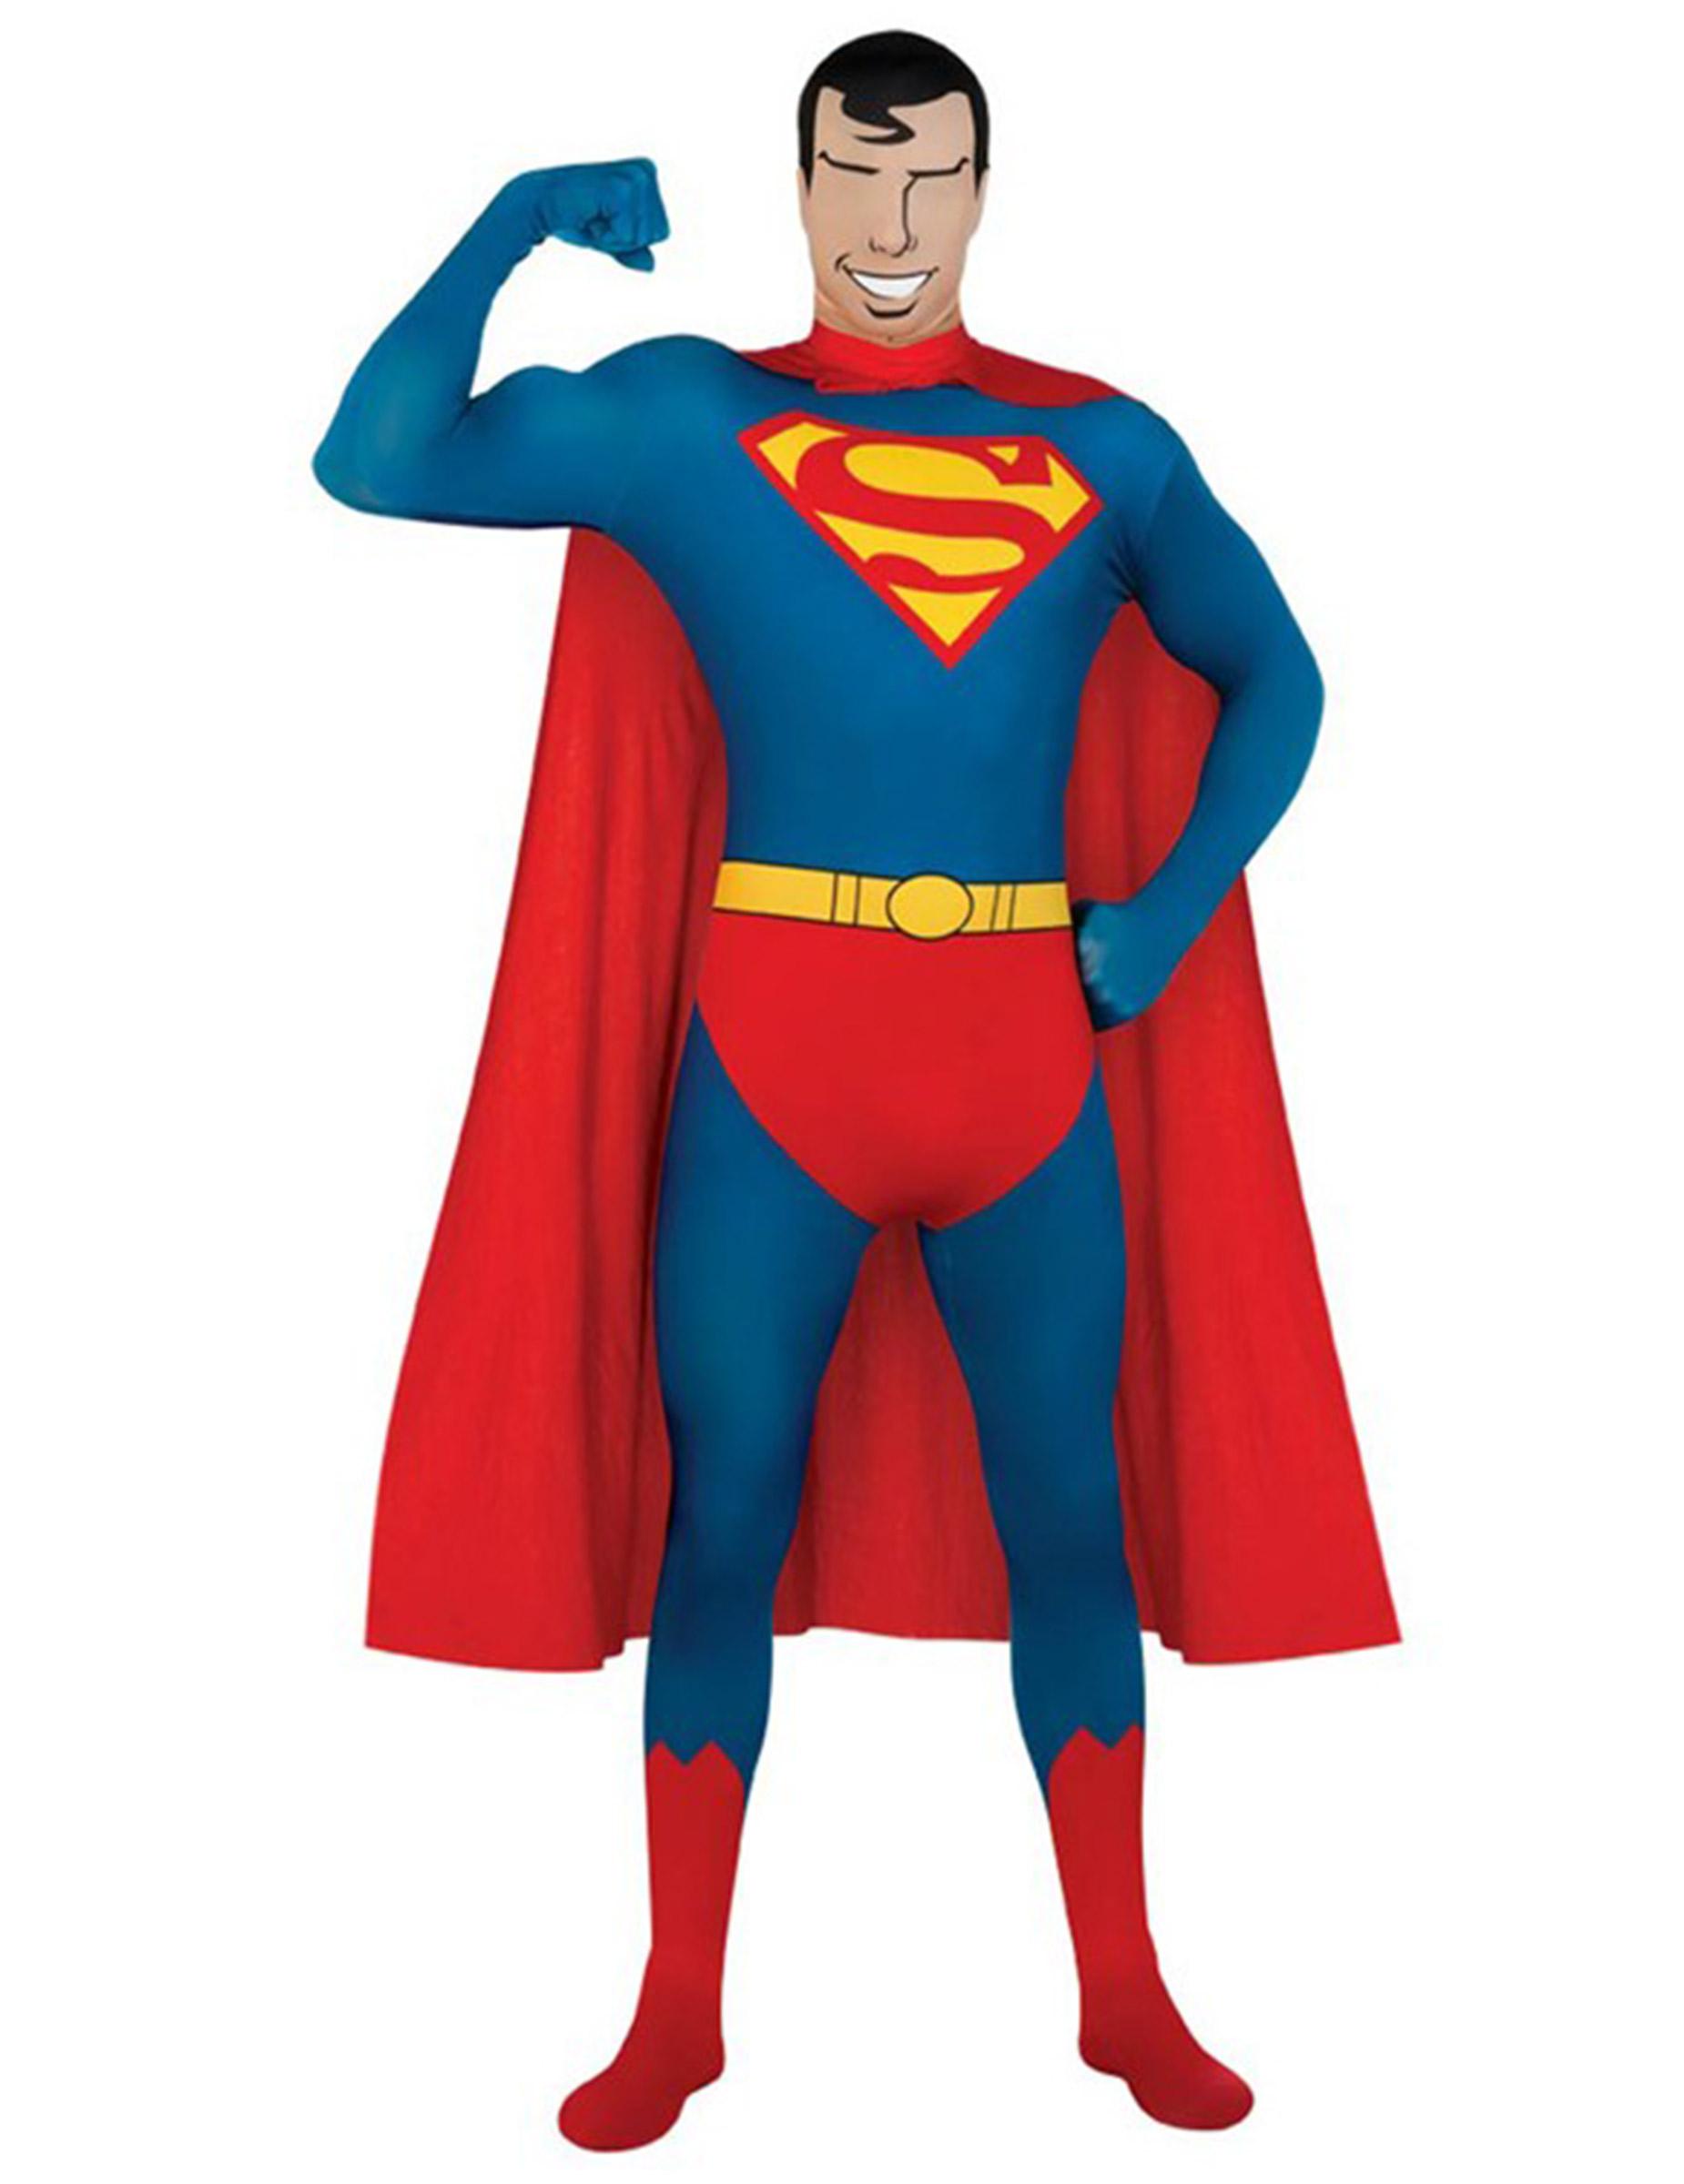 hautenges superman kost m f r erwachsene kost me f r erwachsene und g nstige faschingskost me. Black Bedroom Furniture Sets. Home Design Ideas